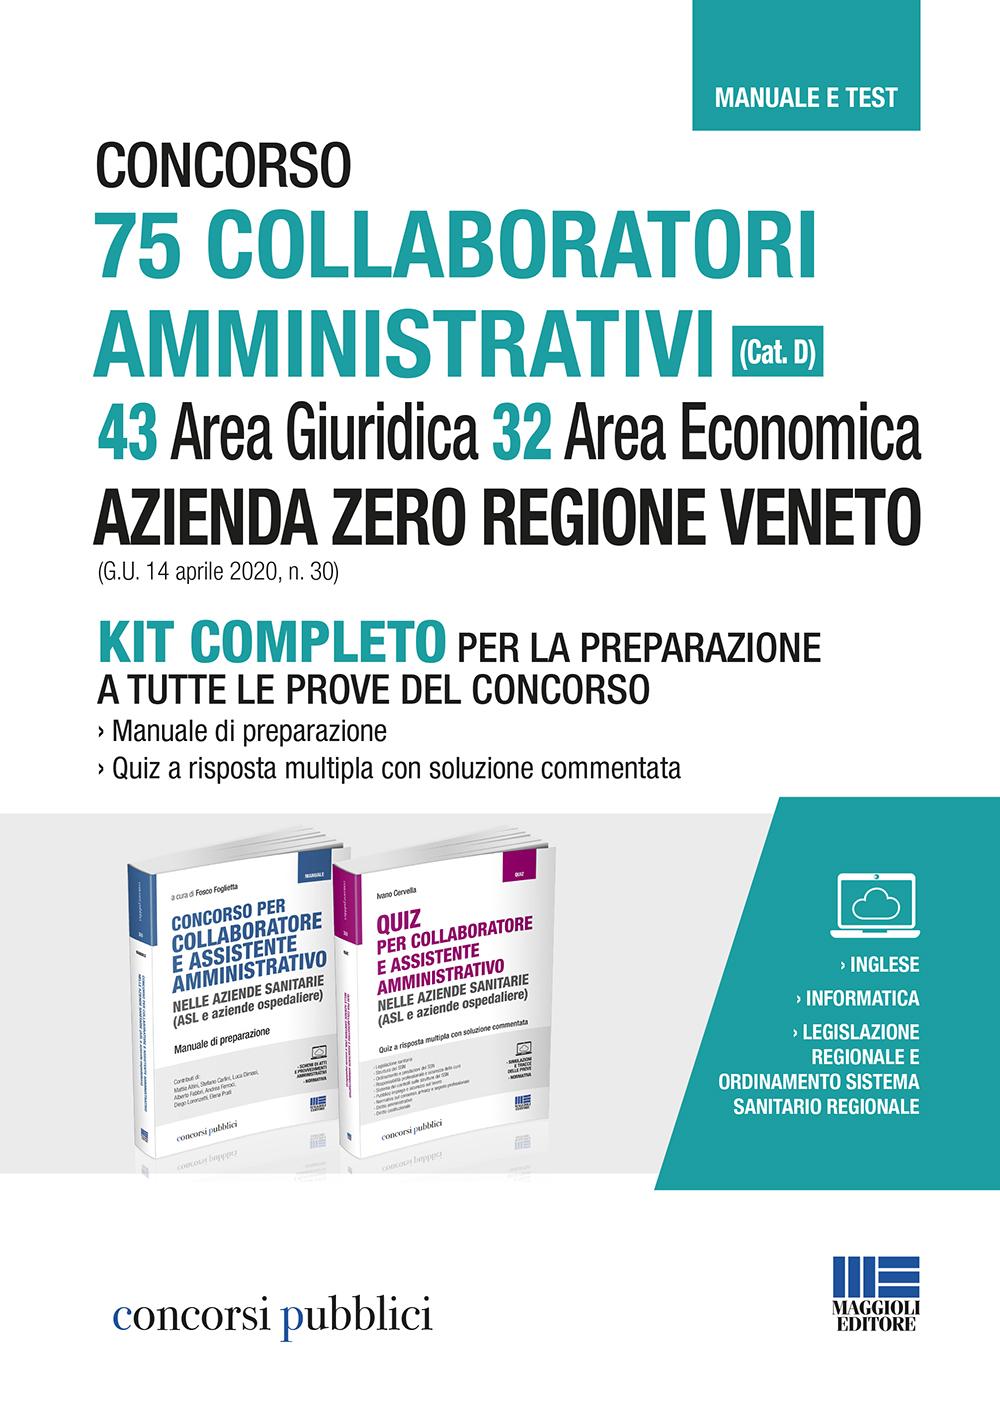 Concorso 75 Collaboratori amministrativi (Cat. D) - 43